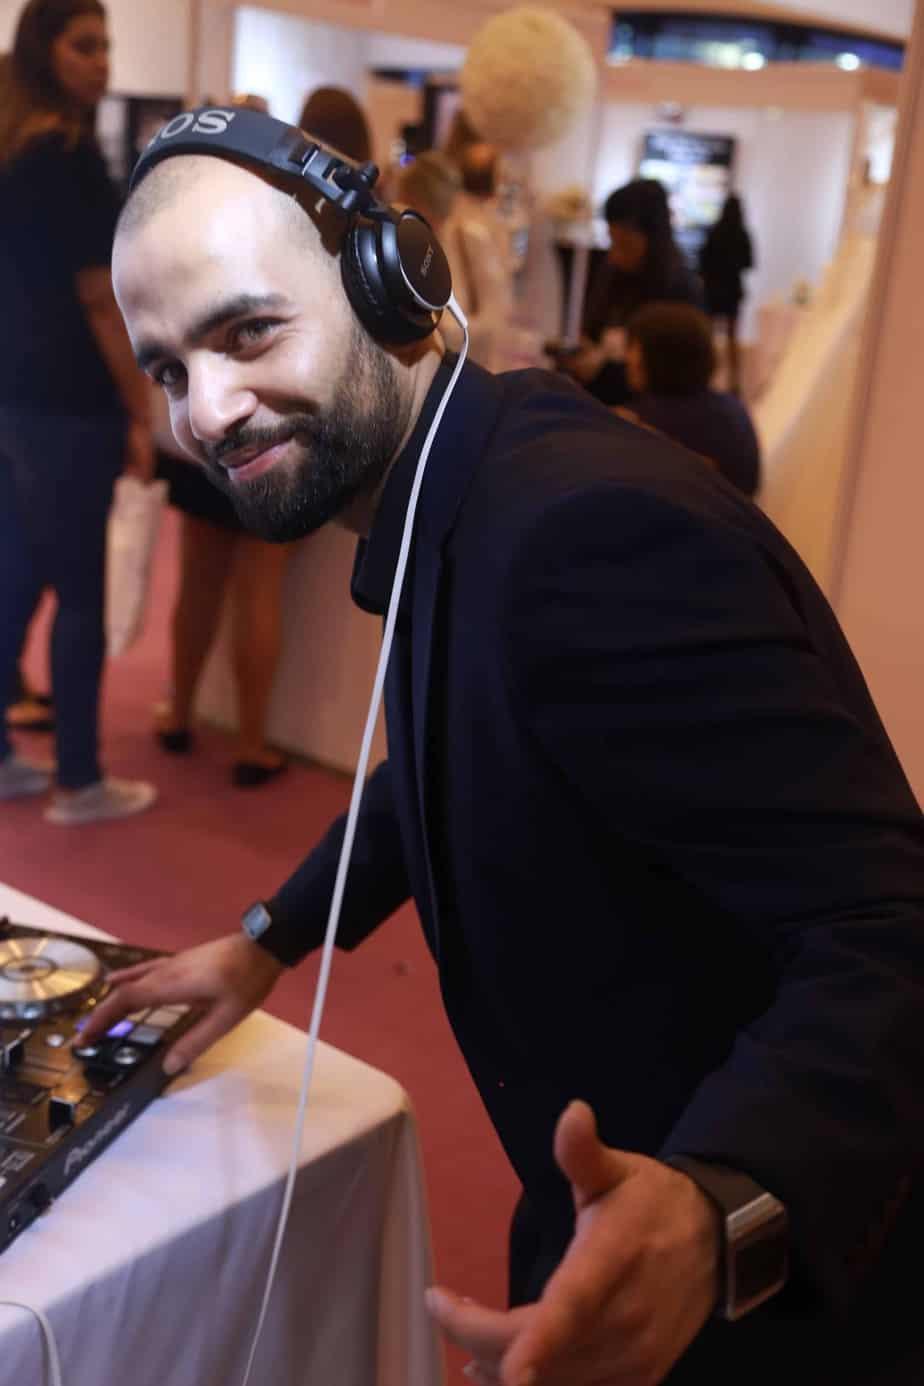 DJ Maj-ik - Profile 4 - DJ Hire Agency - Storm DJs